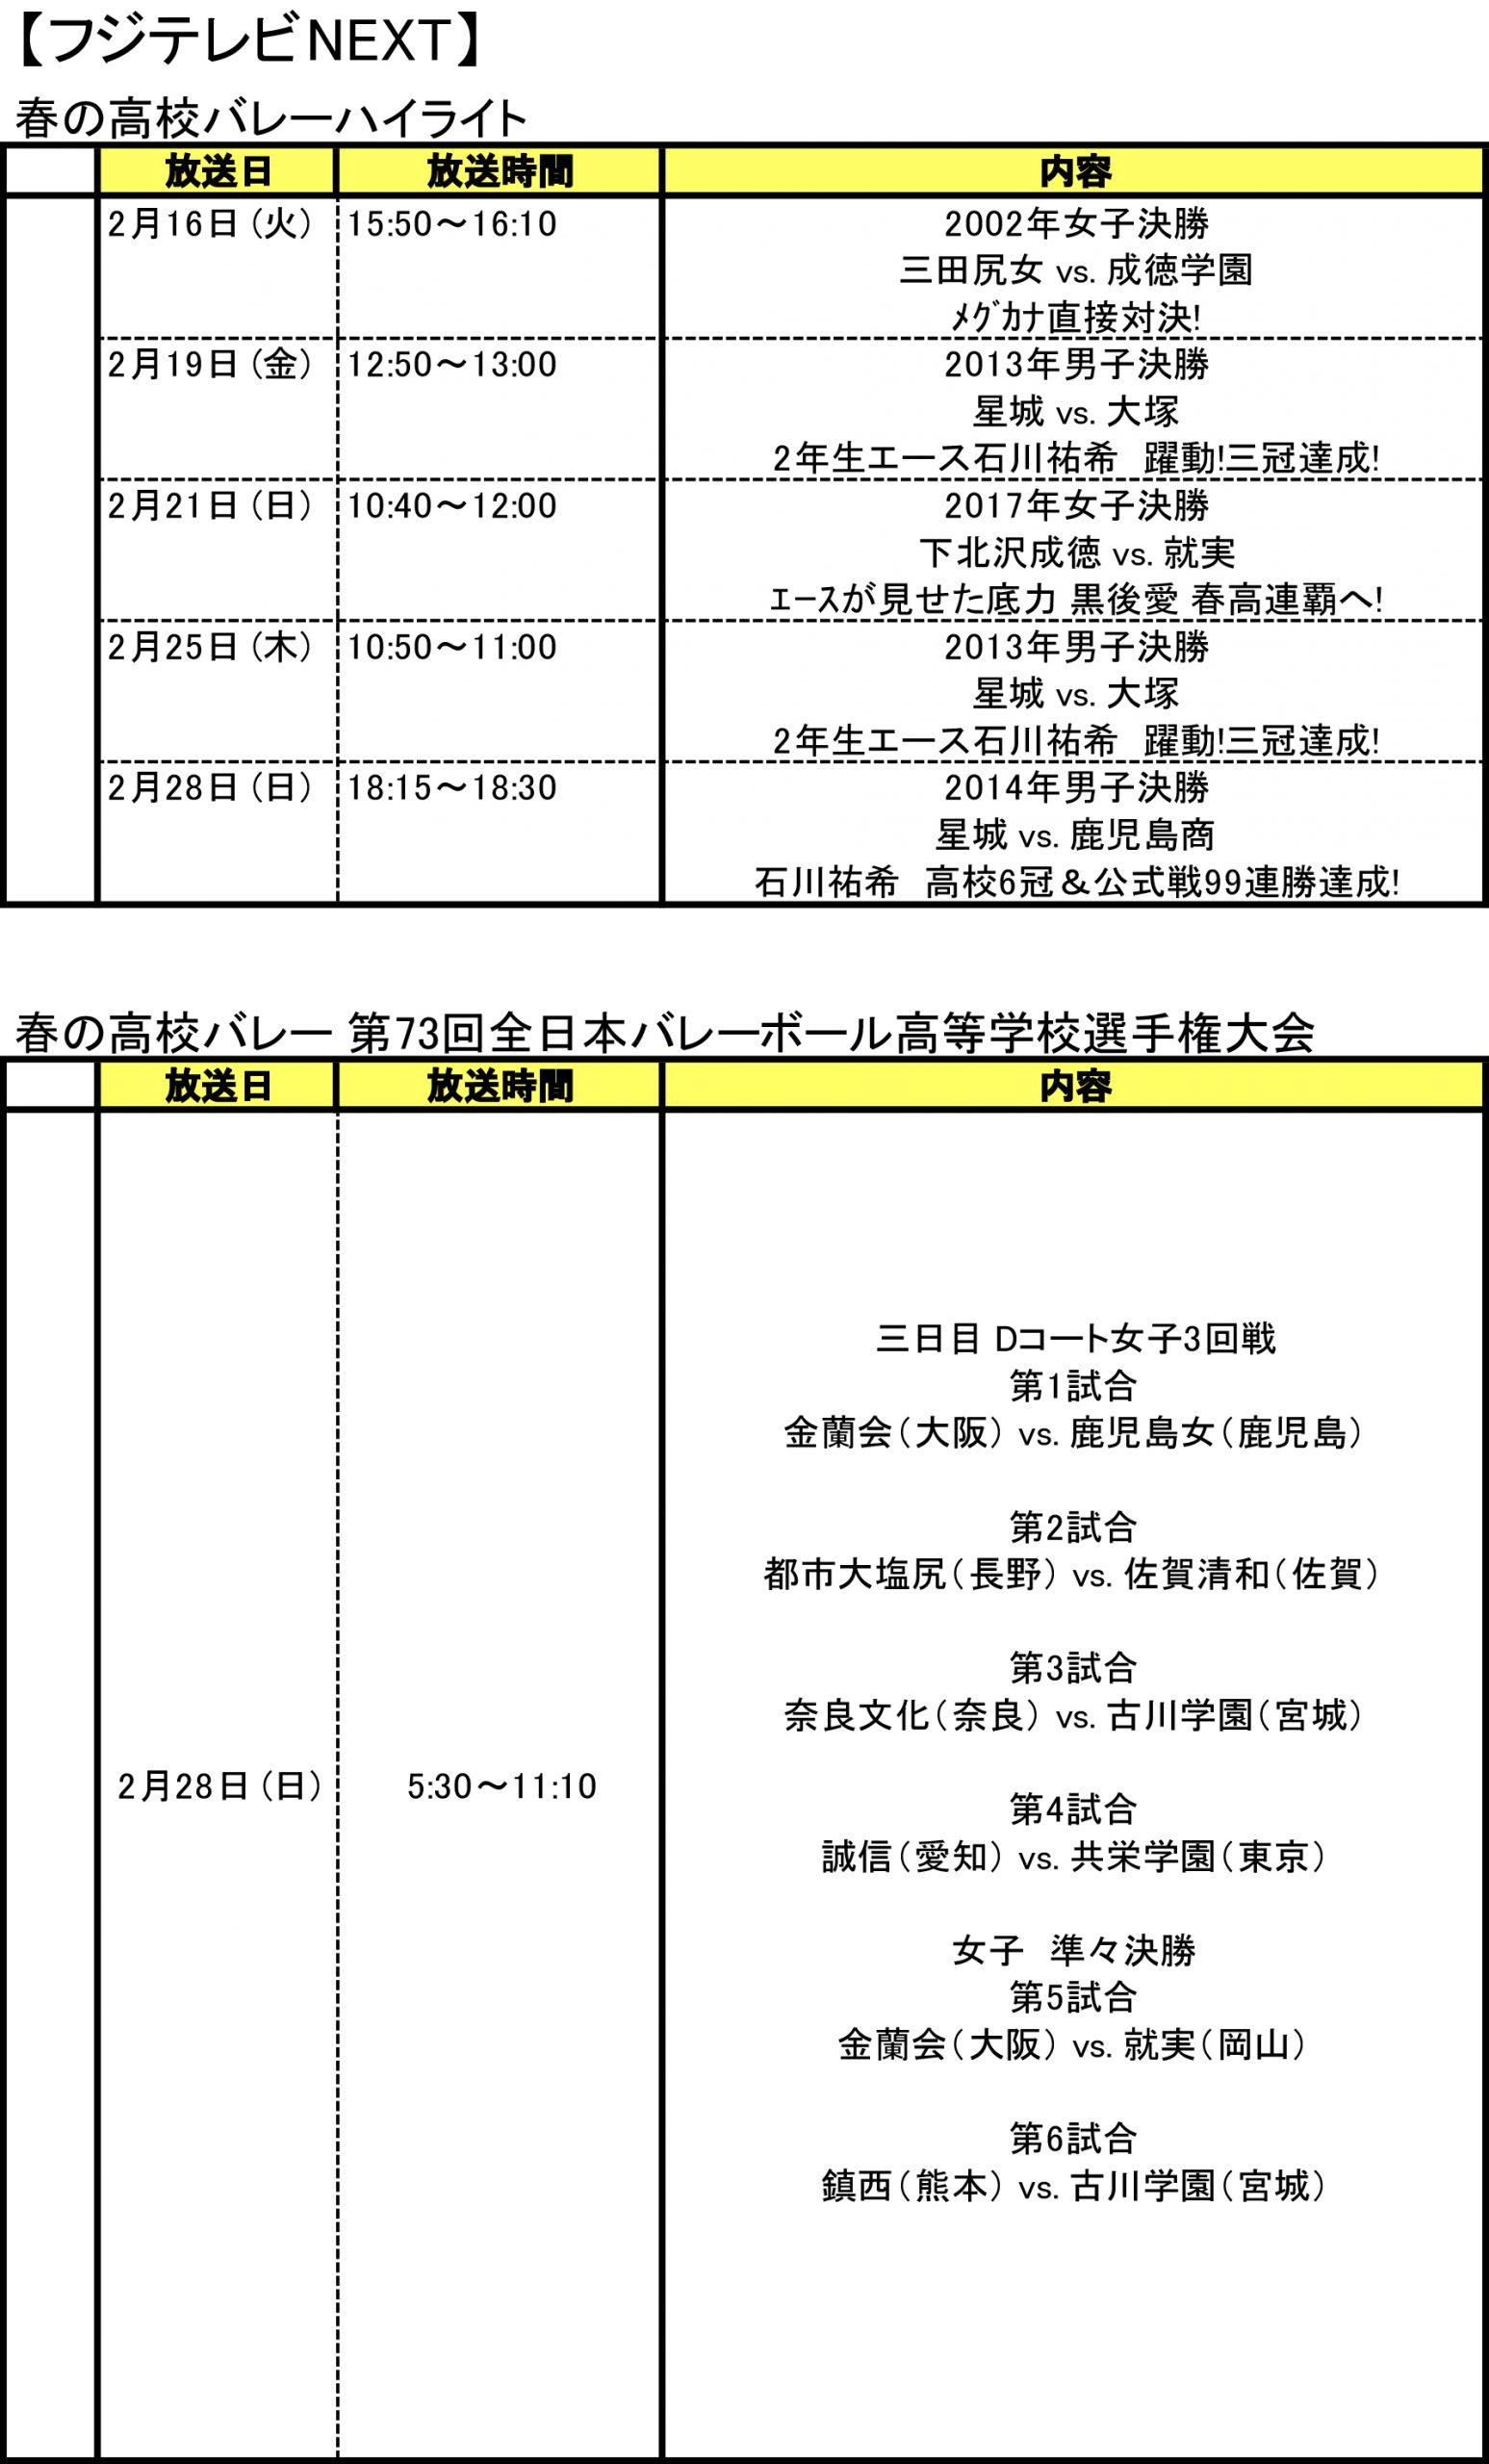 鹿児島 表 テレビ 番組 週間番組表